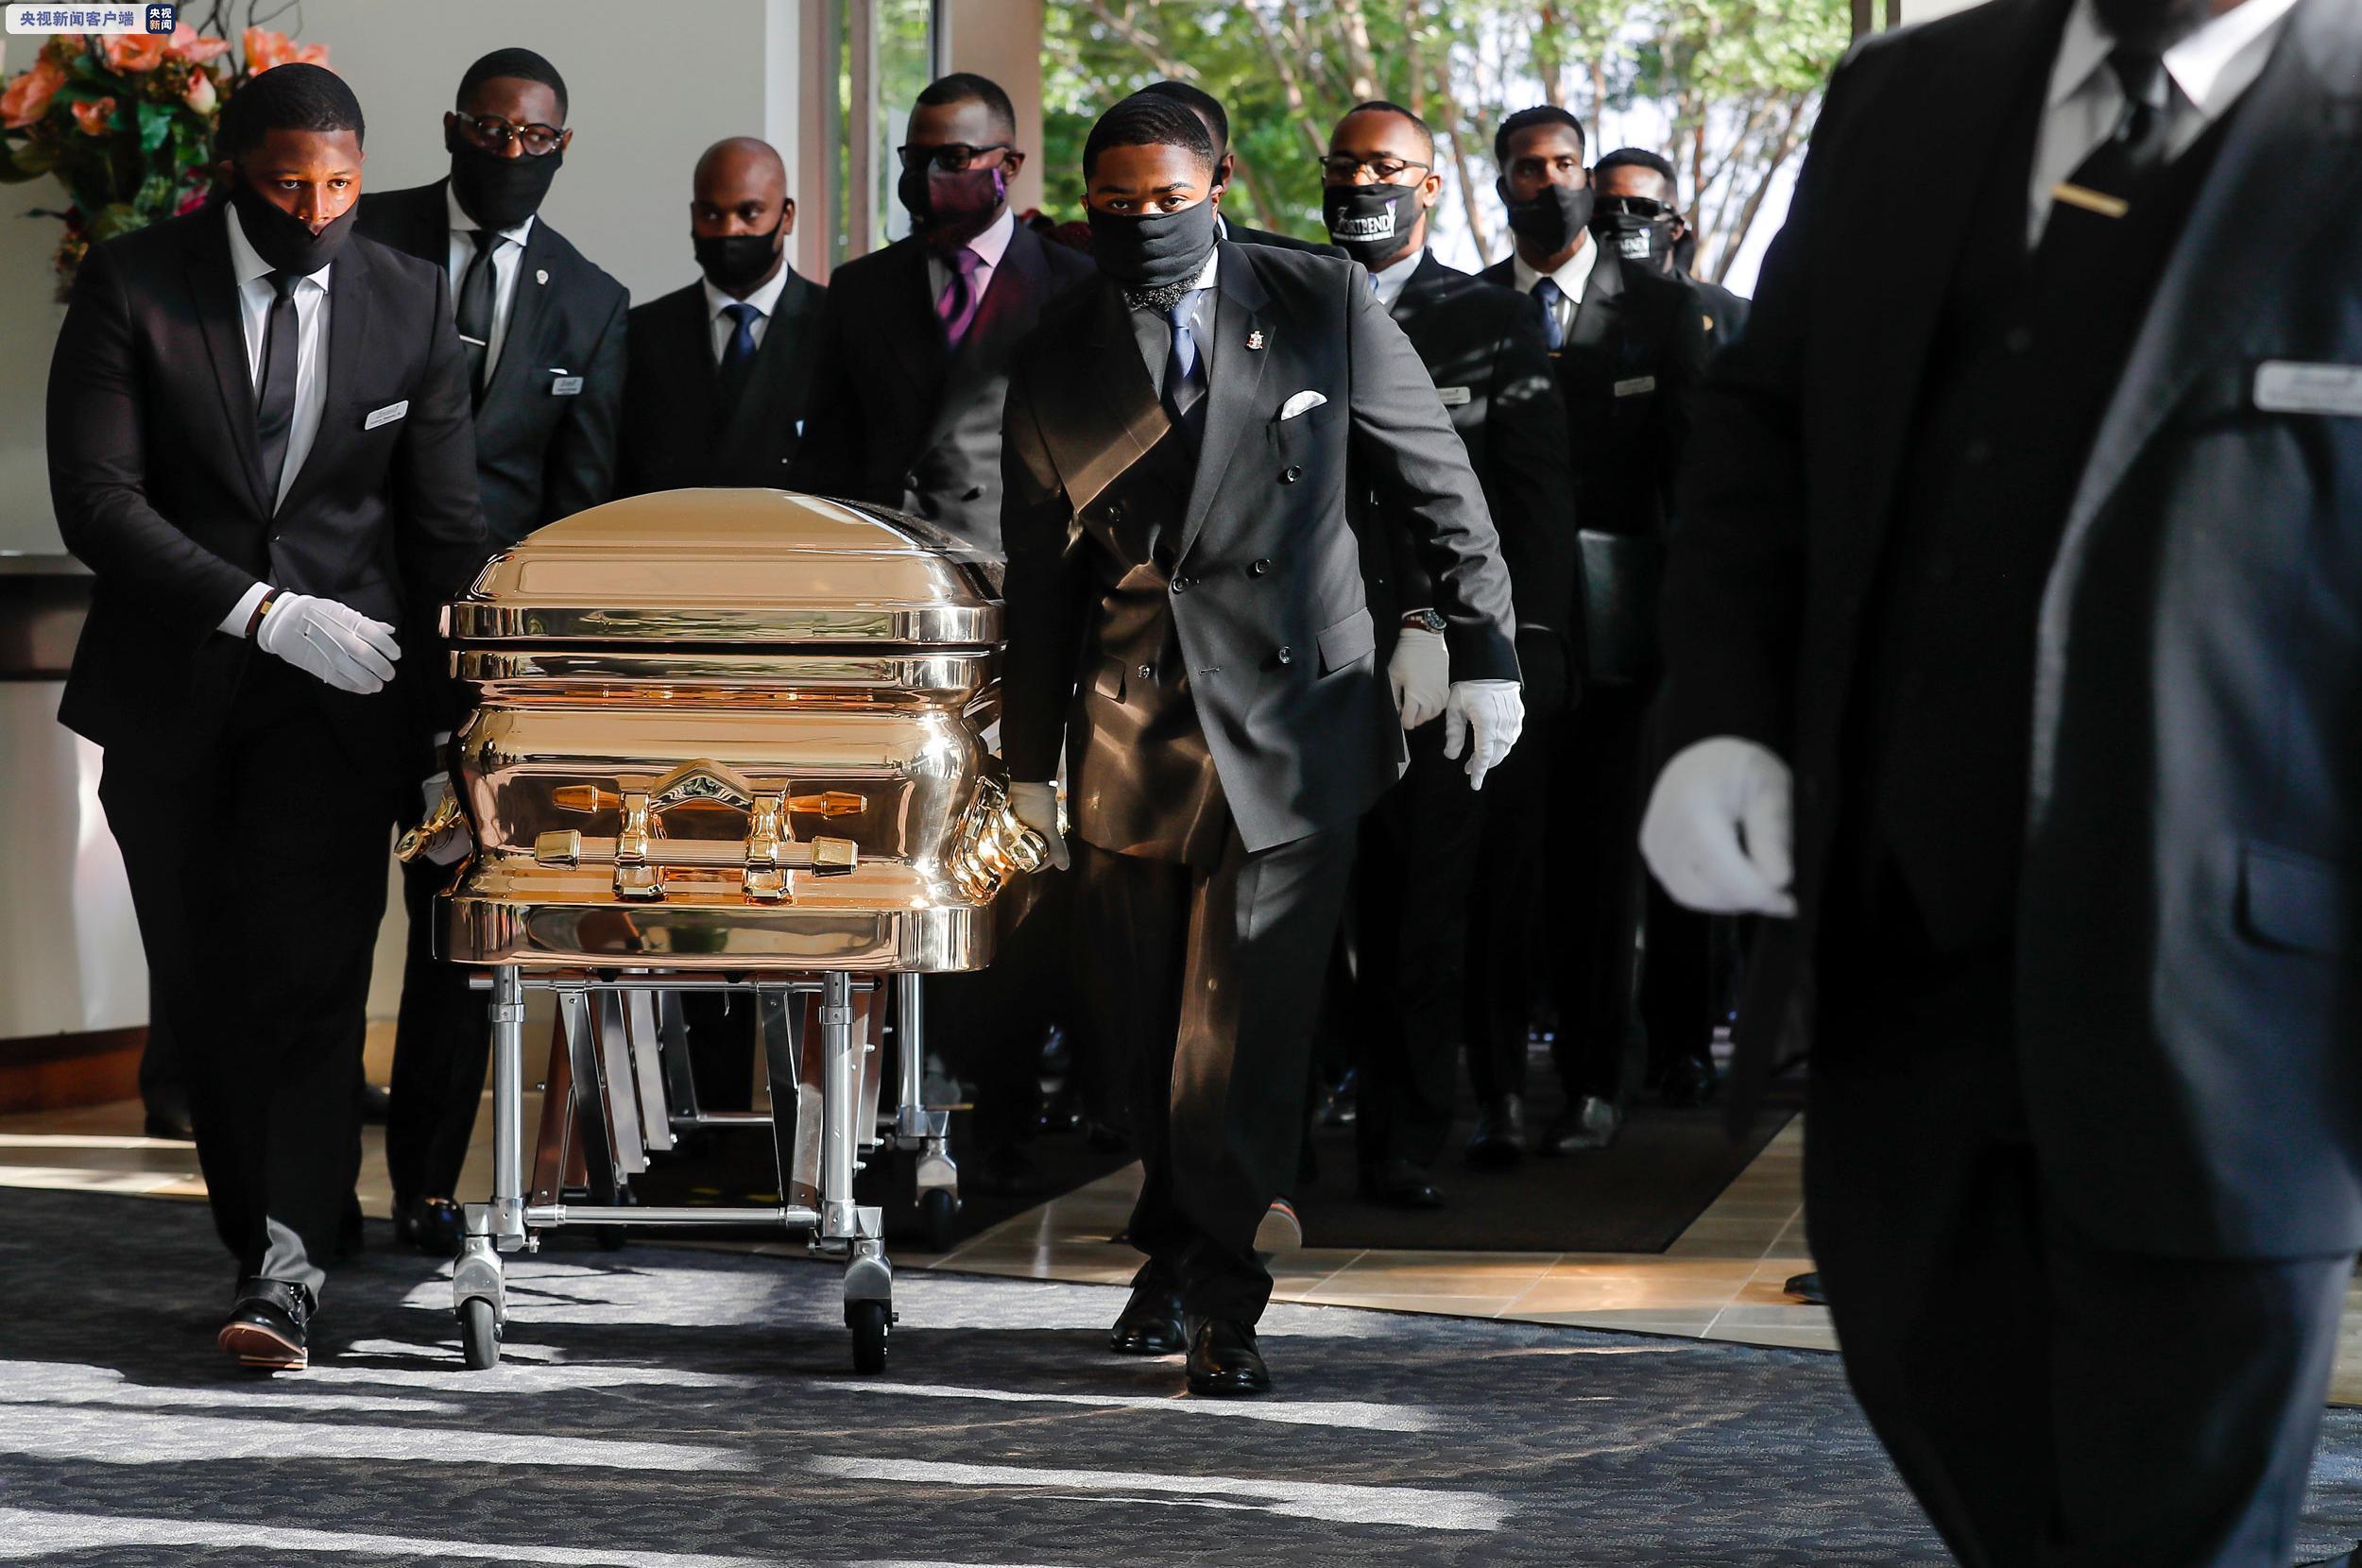 【支持外链的网盘】_弗洛伊德葬礼在家乡休斯敦举行